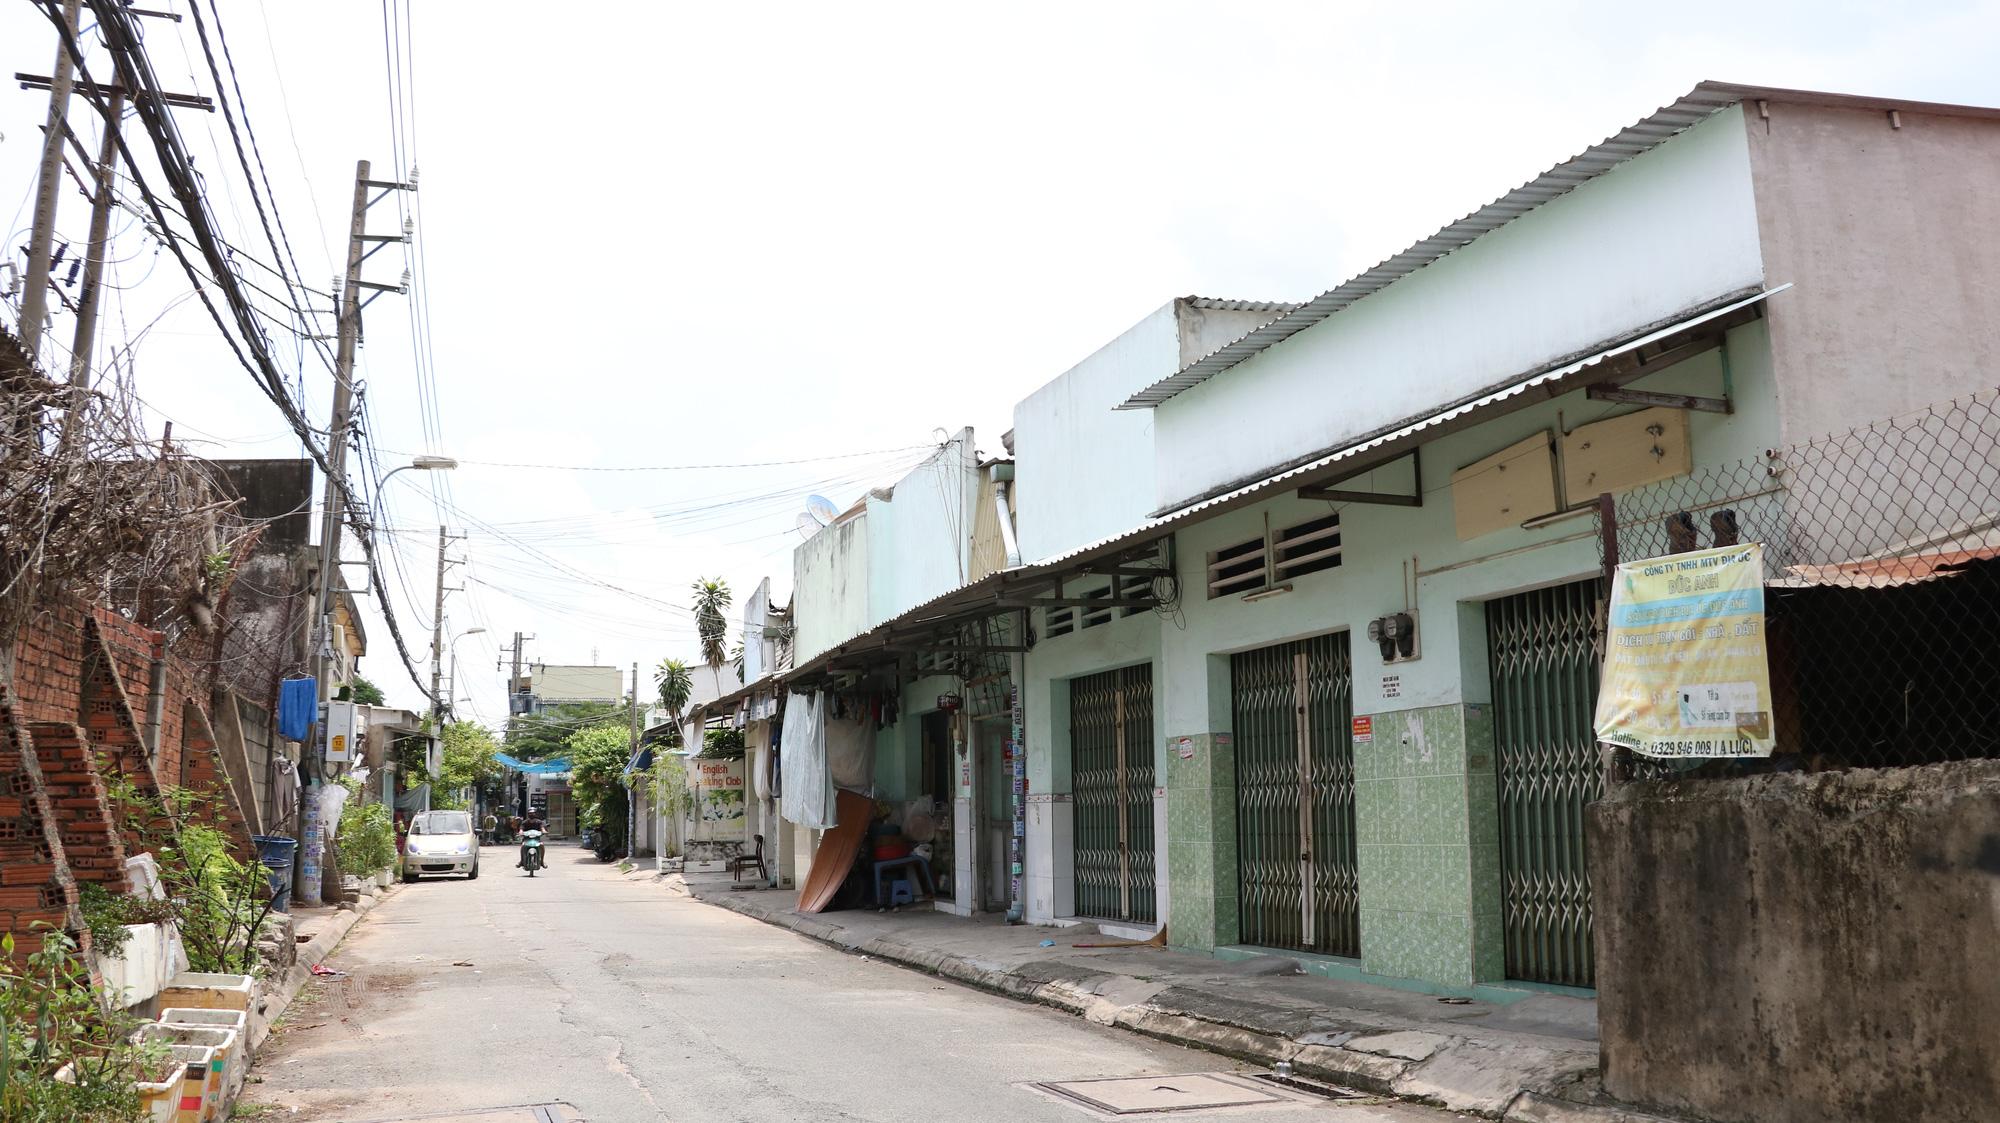 Ba khu đất dính quy hoạch tại phường Linh Xuân, TP Thủ Đức [phần 3] - Ảnh 8.